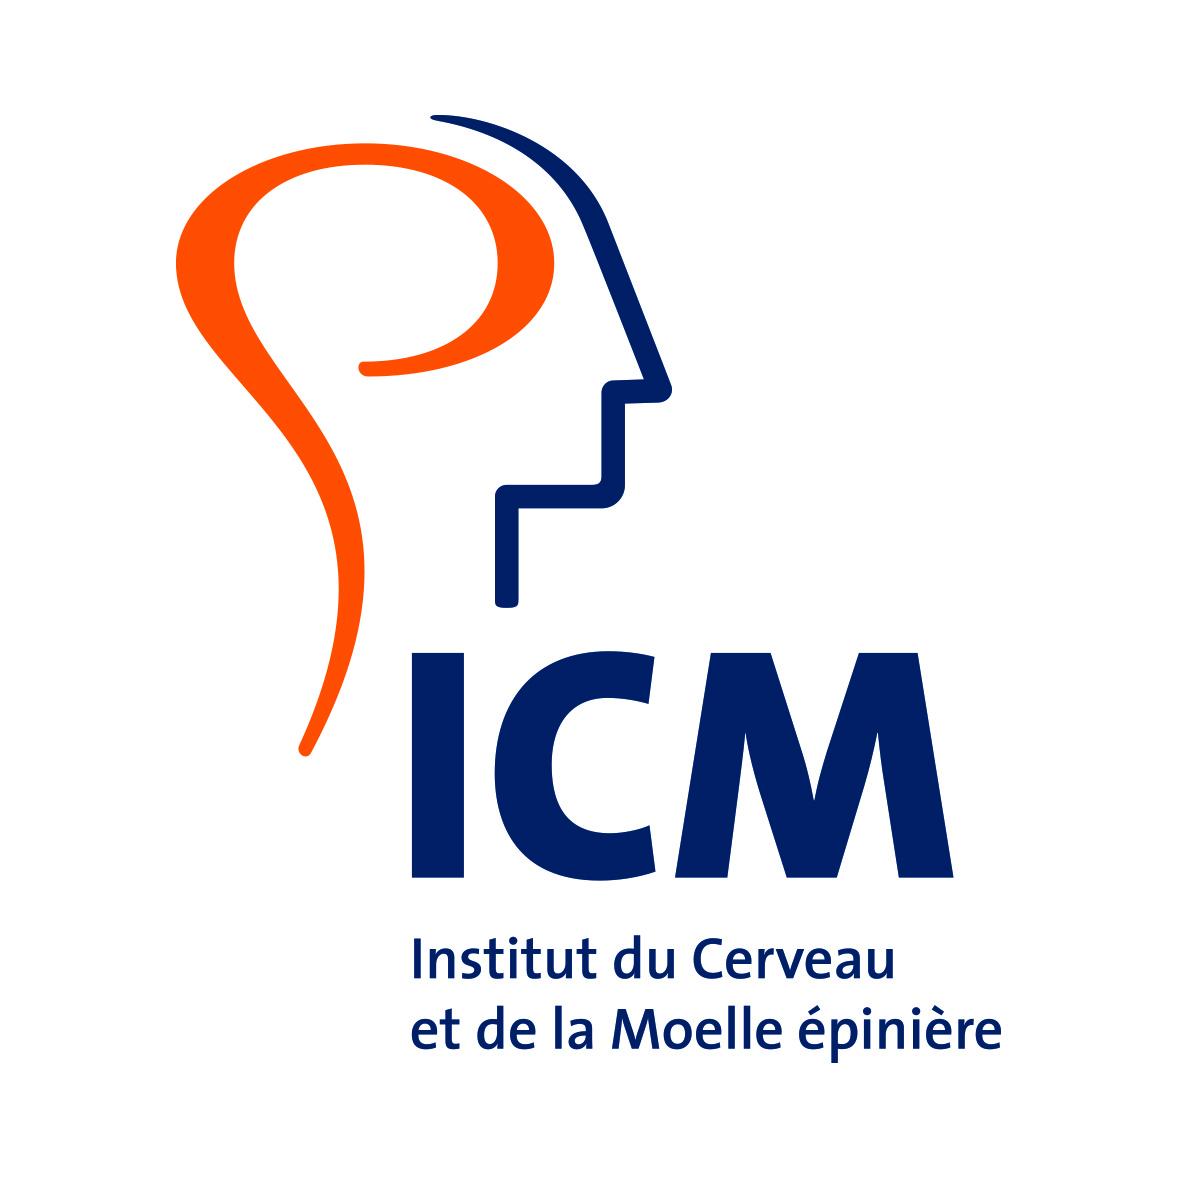 ICM Institut du Cerveau et de la Moelle épinière